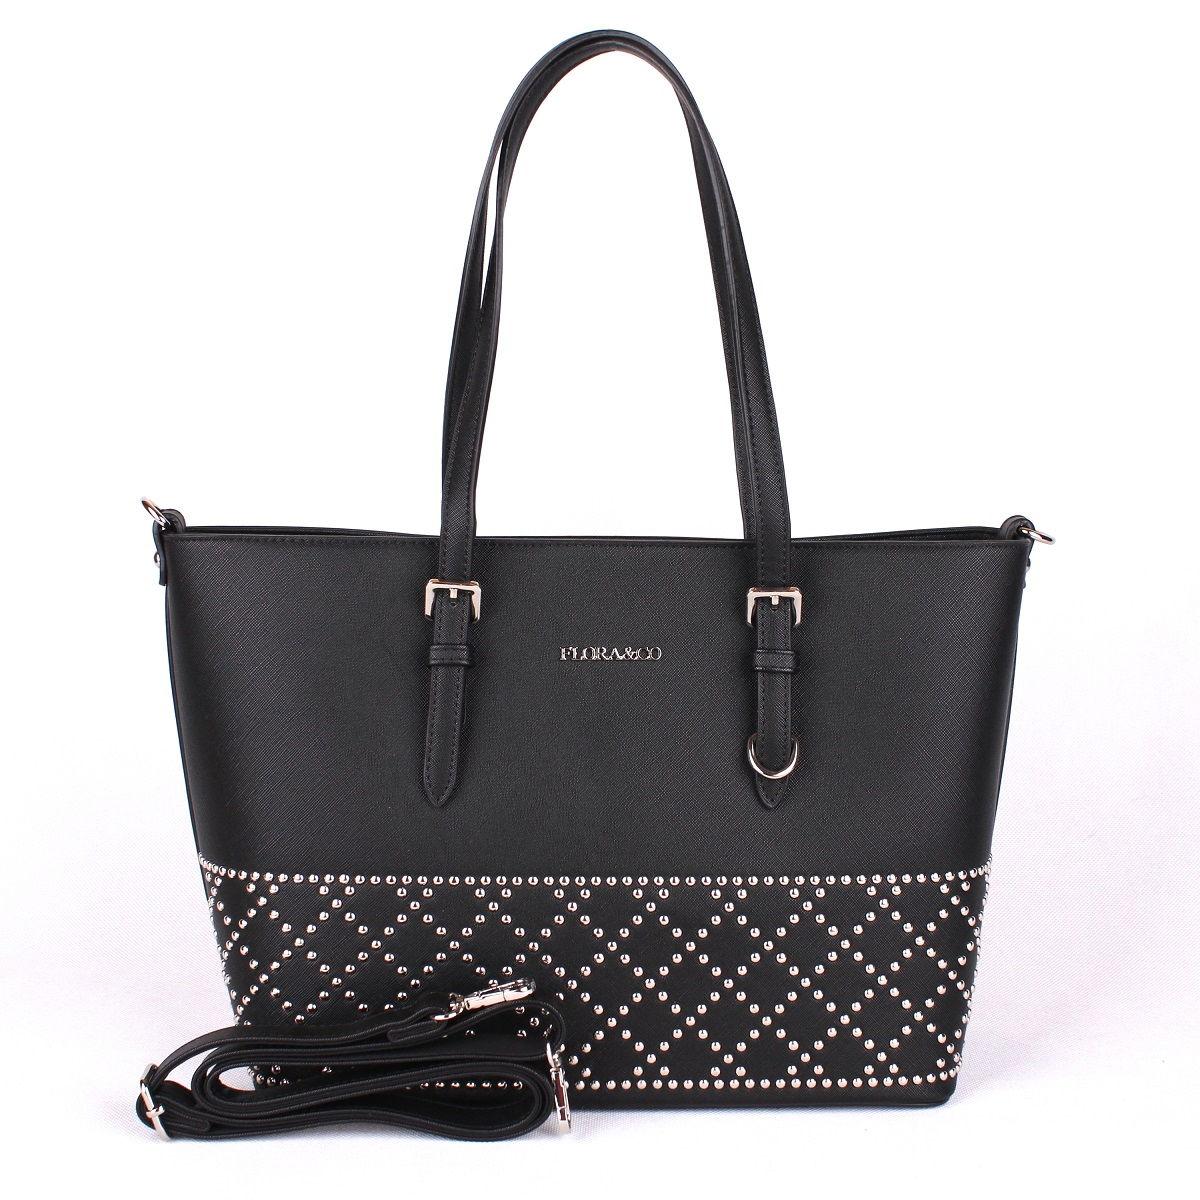 Černá velká elegantní pevná kabelka na rameno FLORA&CO F6375